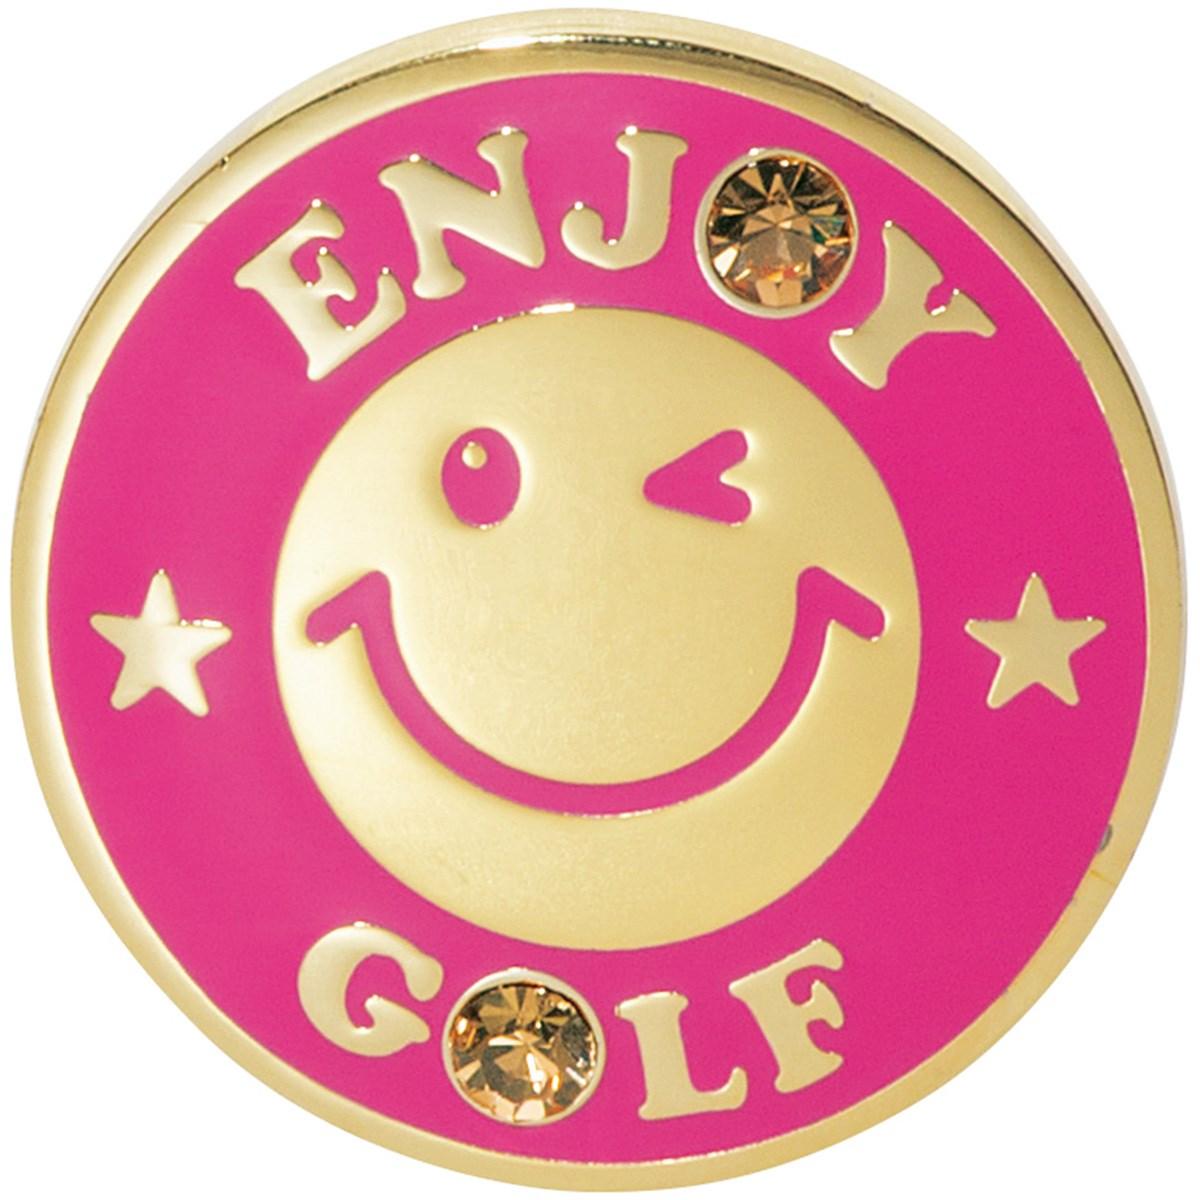 WINWIN STYLE ウィンウィンスタイル ENJOY GOLF Gold Ver. マーカー ローズ